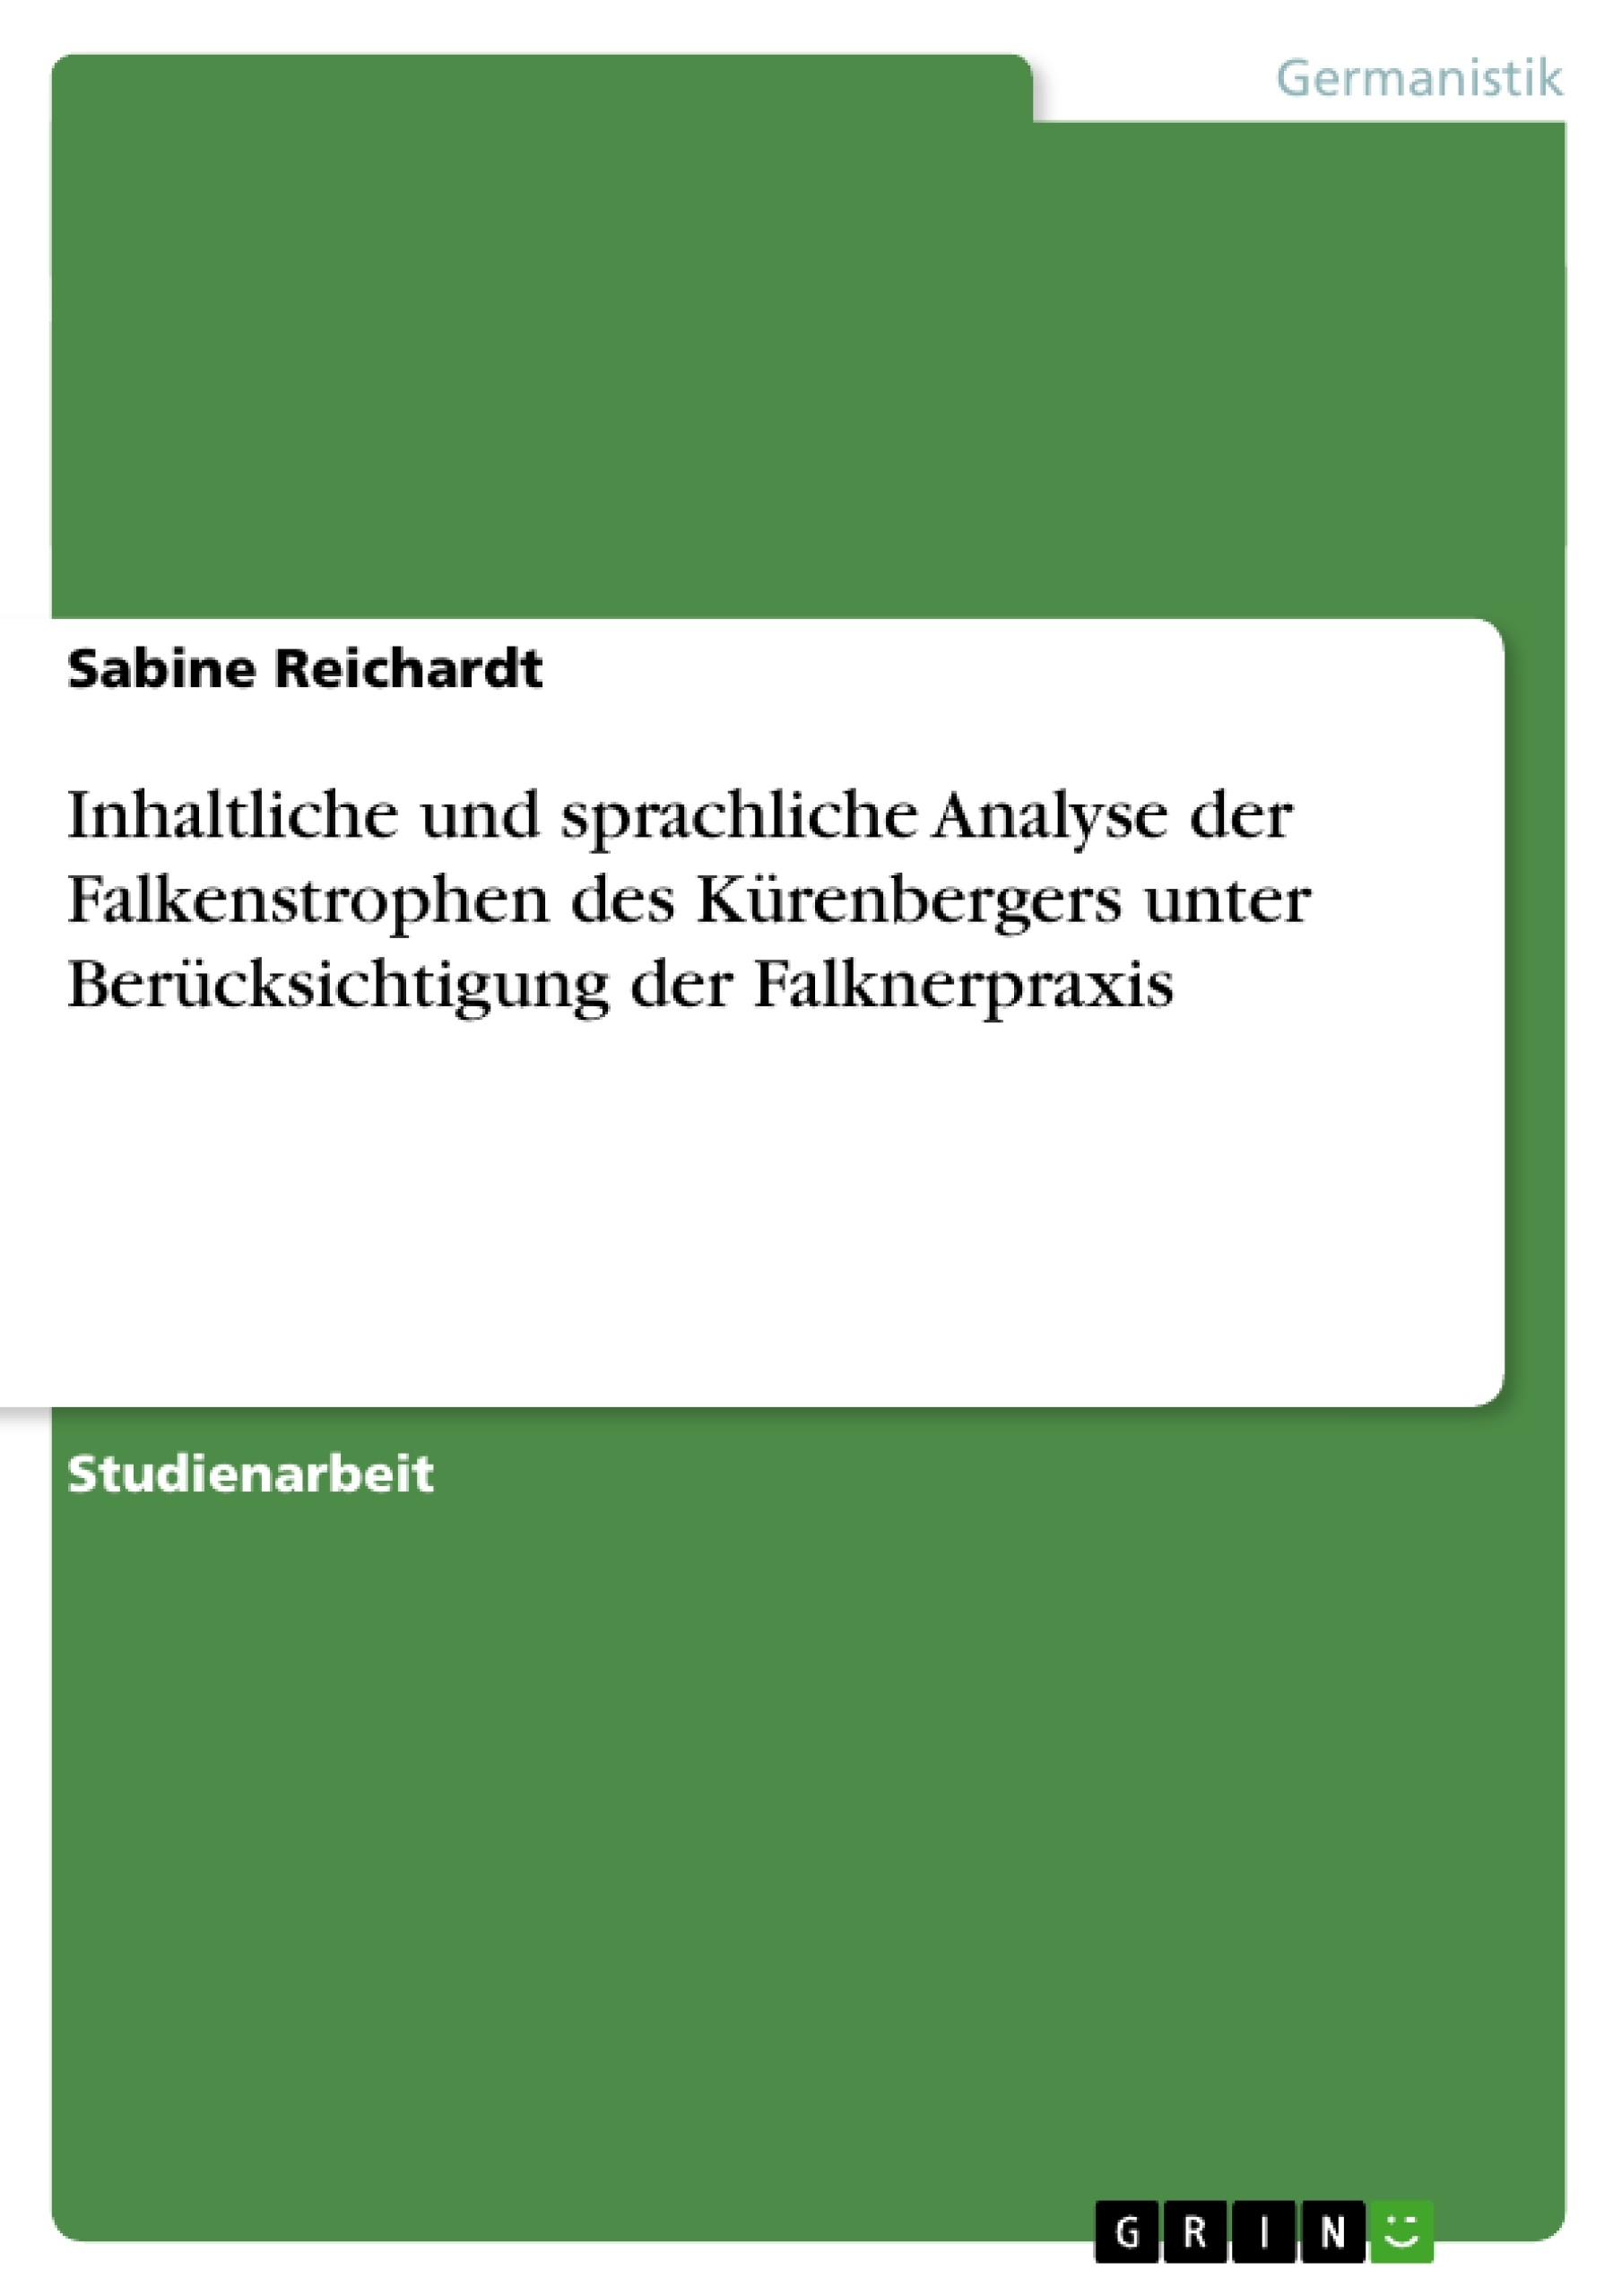 Titel: Inhaltliche und sprachliche Analyse der Falkenstrophen des Kürenbergers unter Berücksichtigung der Falknerpraxis